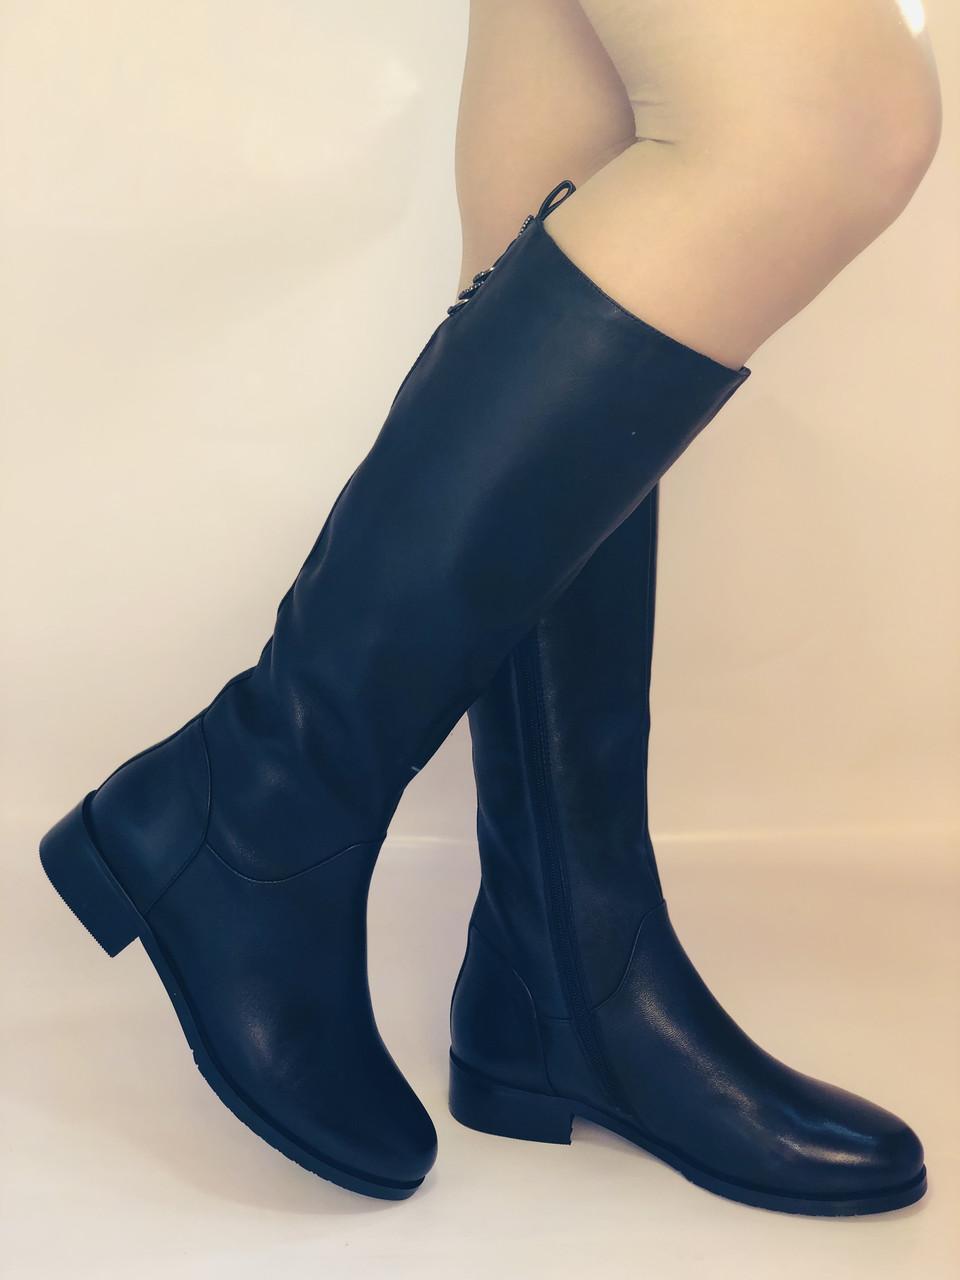 Женские осенне-весенние сапоги на низком каблуке. Натуральная кожа. Люкс качество. Erisses. Р 37.38.39.40